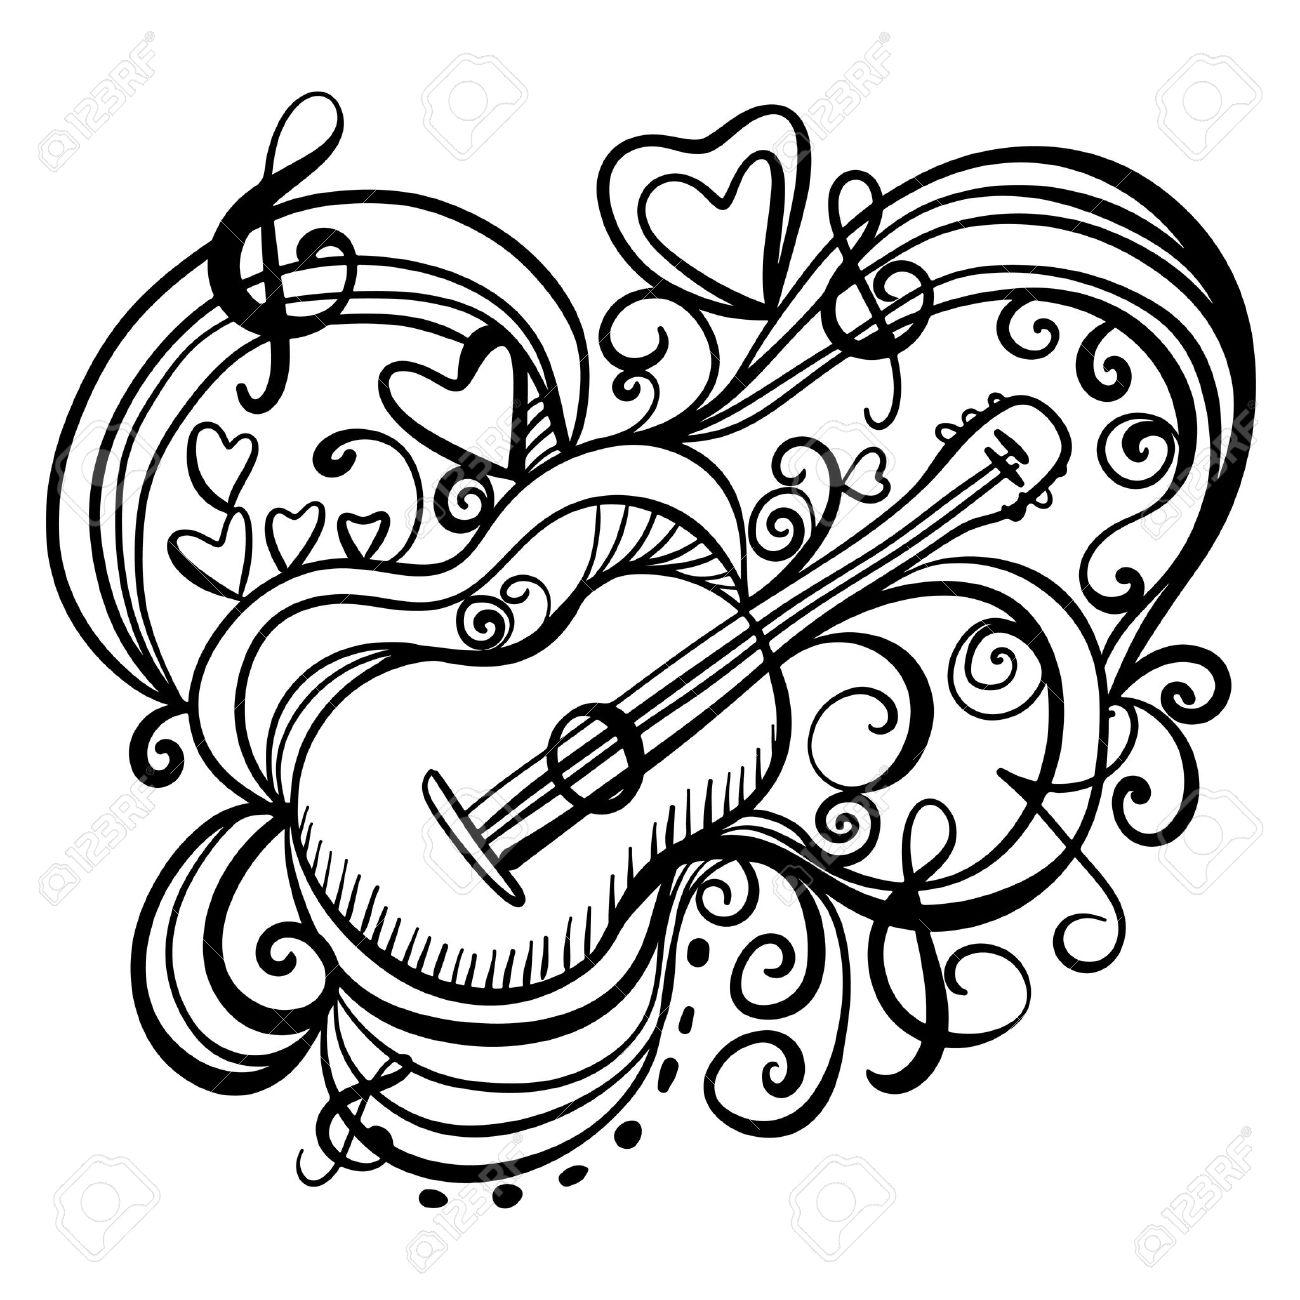 Foto de archivo , Icono de la música abstracta con la guitarra, corazones, notas musicales, clave de sol Líneas negras a mano ilustración dibujo Doodle de